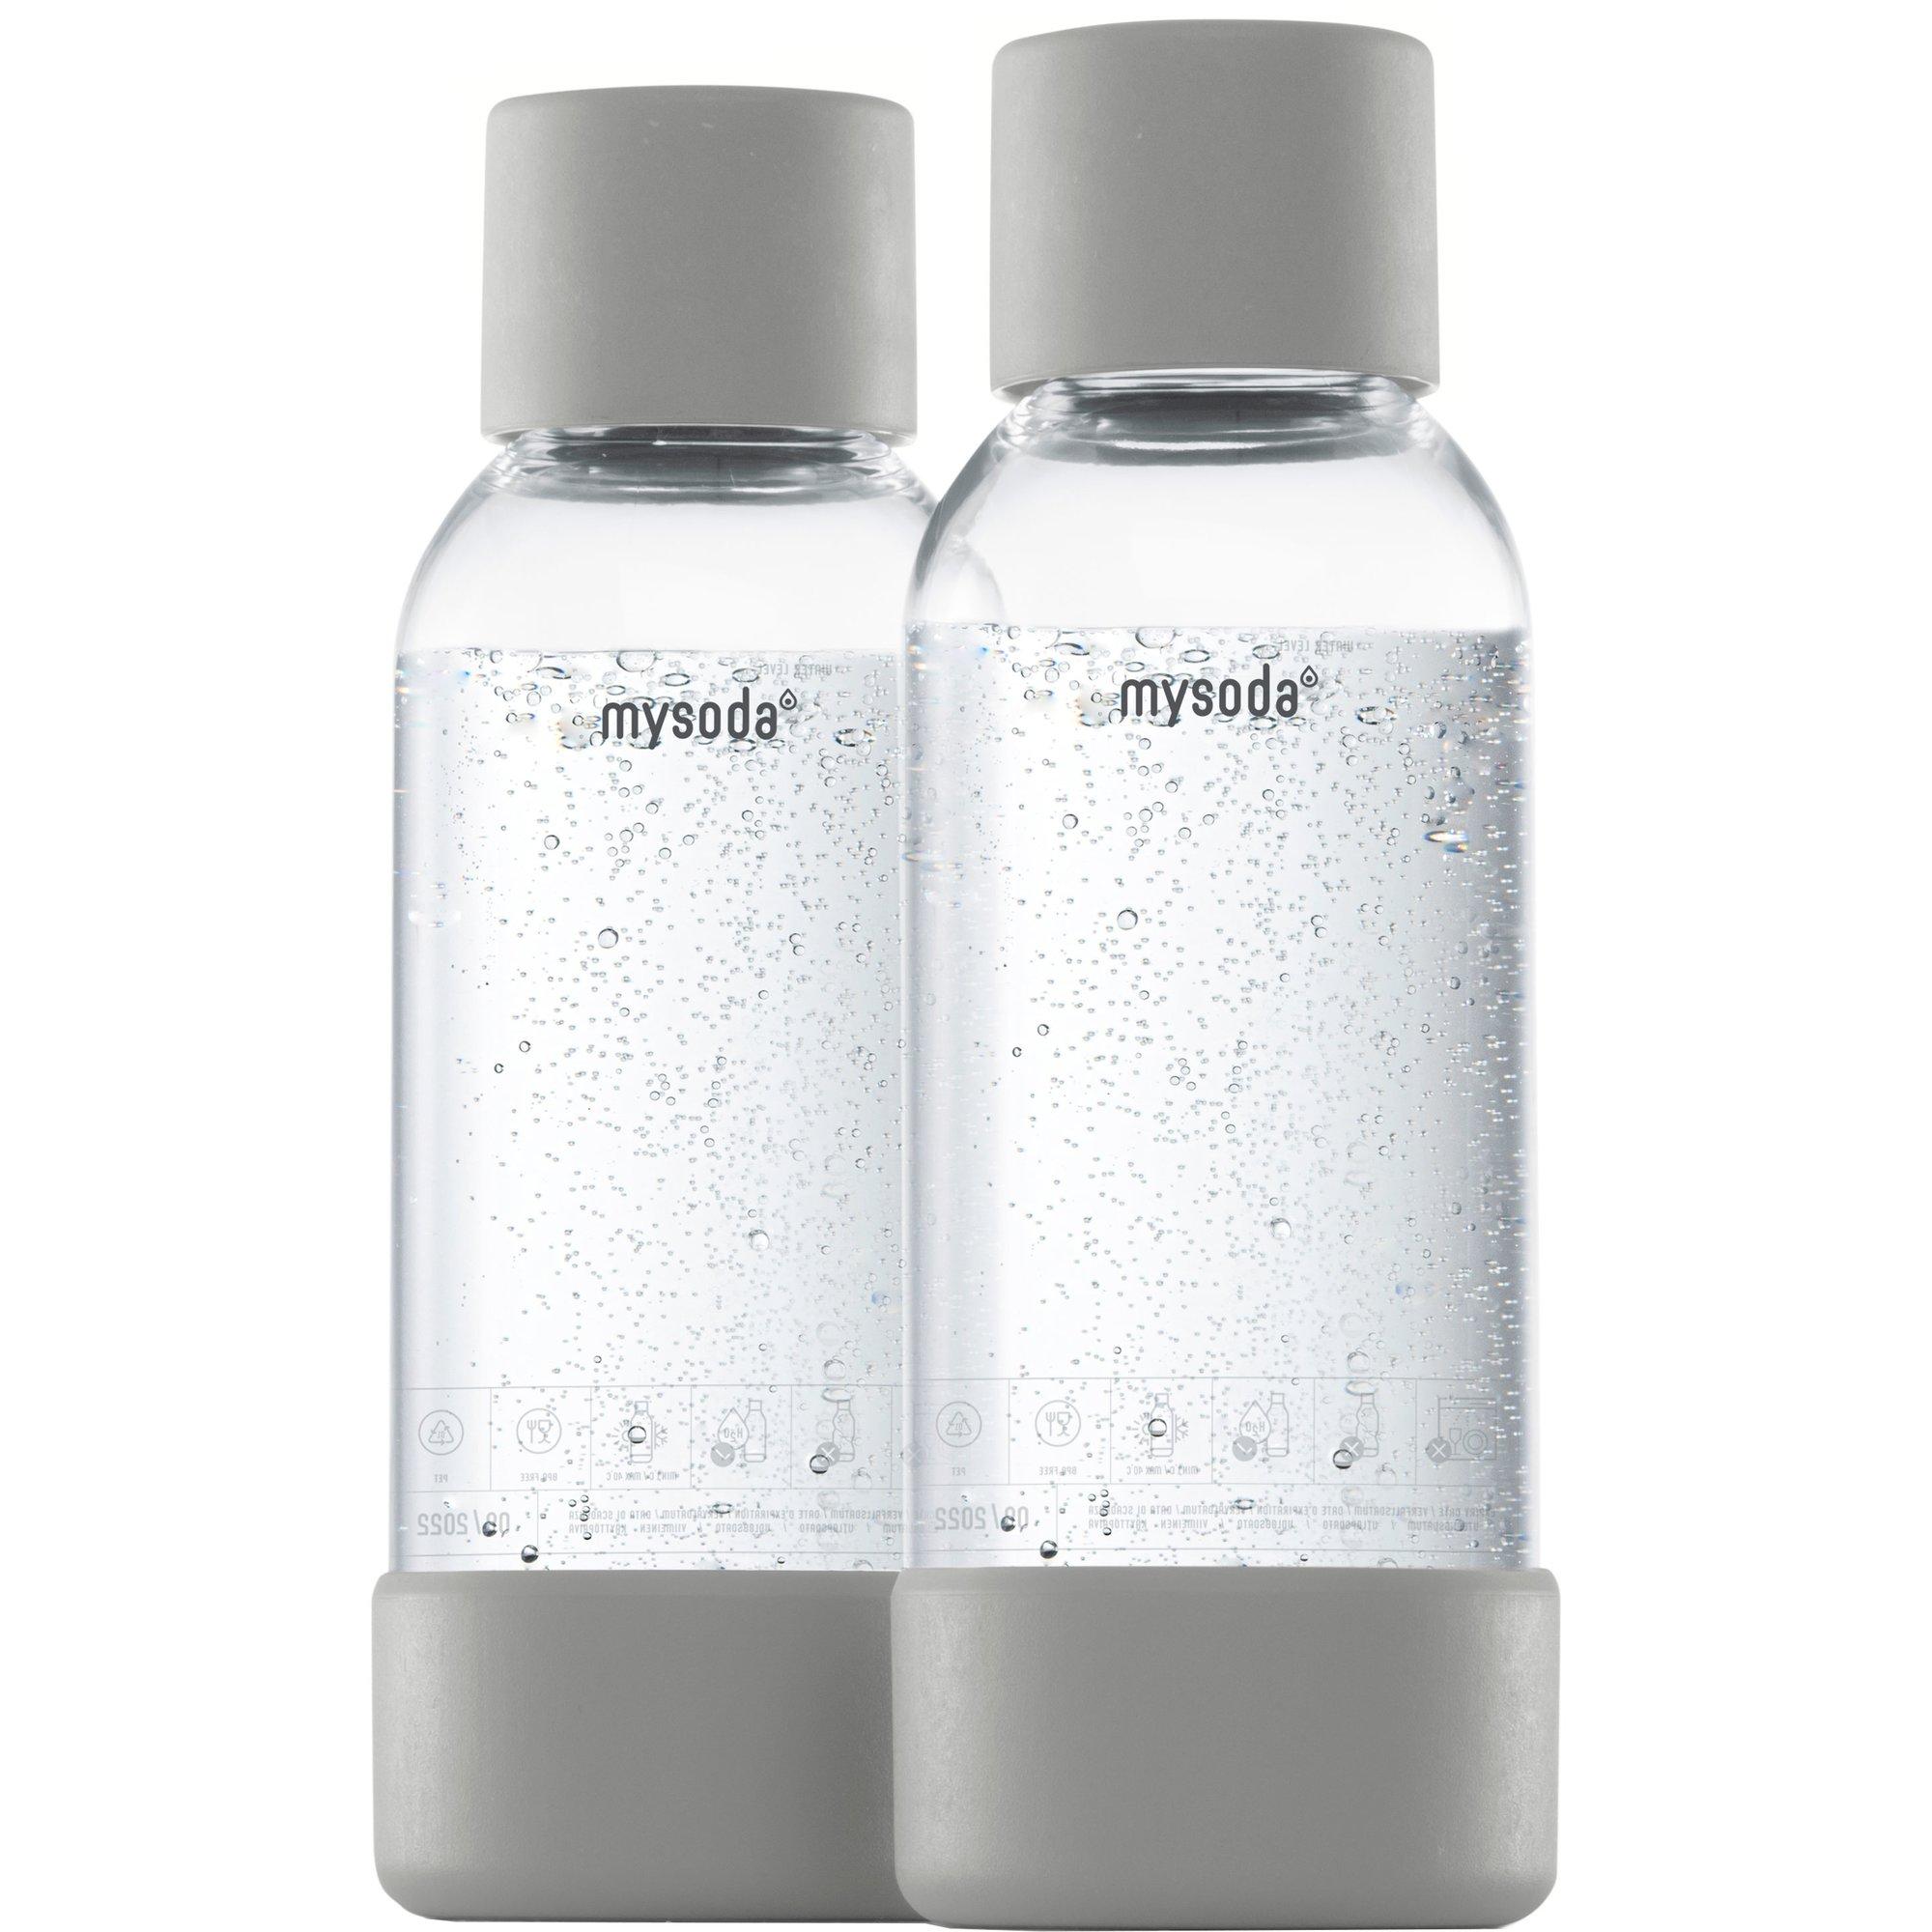 MySoda Vattenflaska 05 liter 2 st. Grå